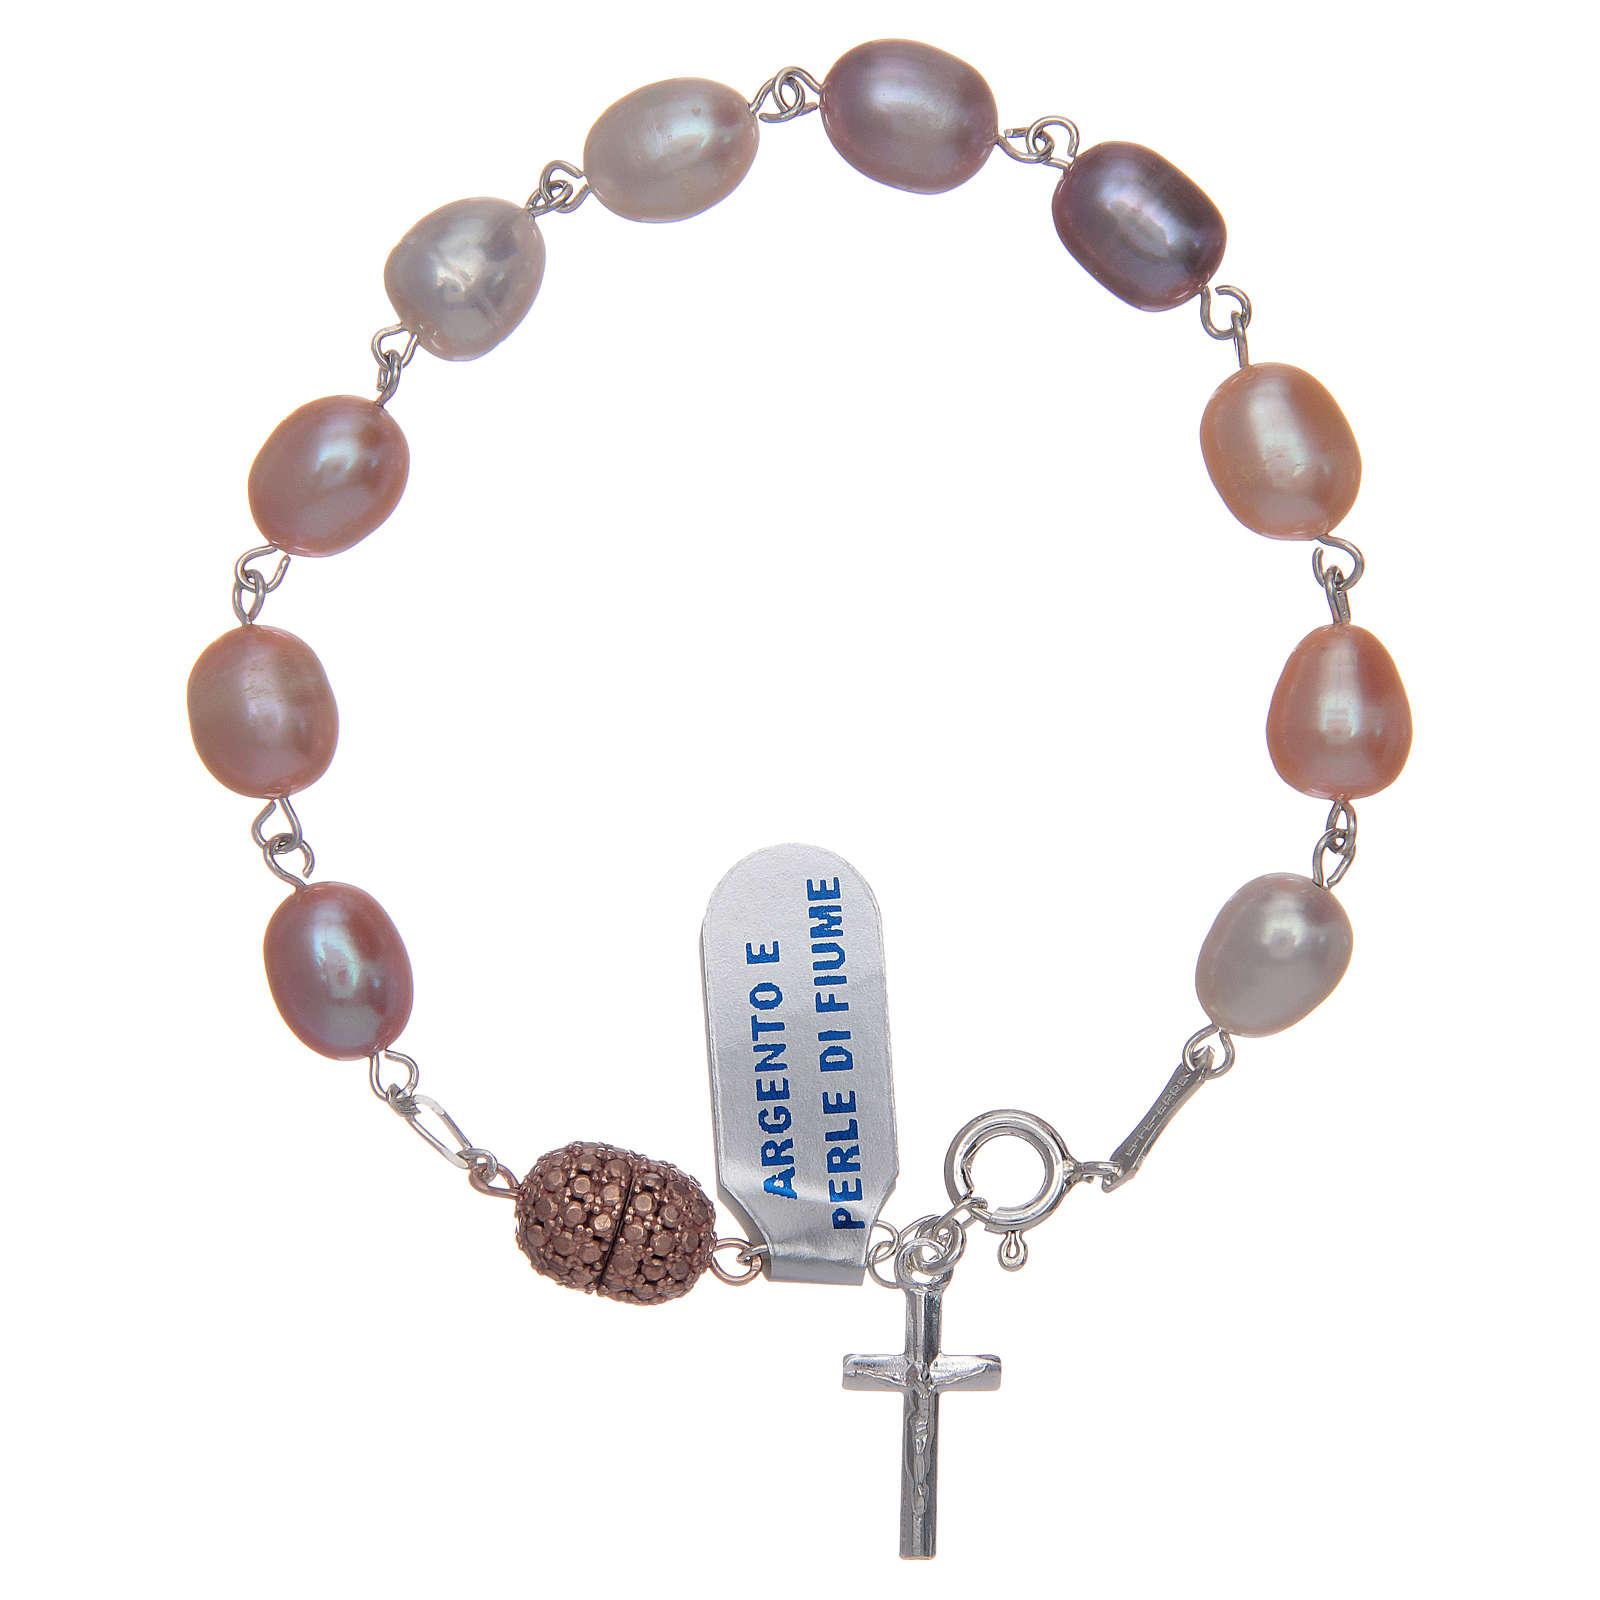 Bransoleta srebro 925 perły słodkowodne kolor różowy 10x7 mm 4